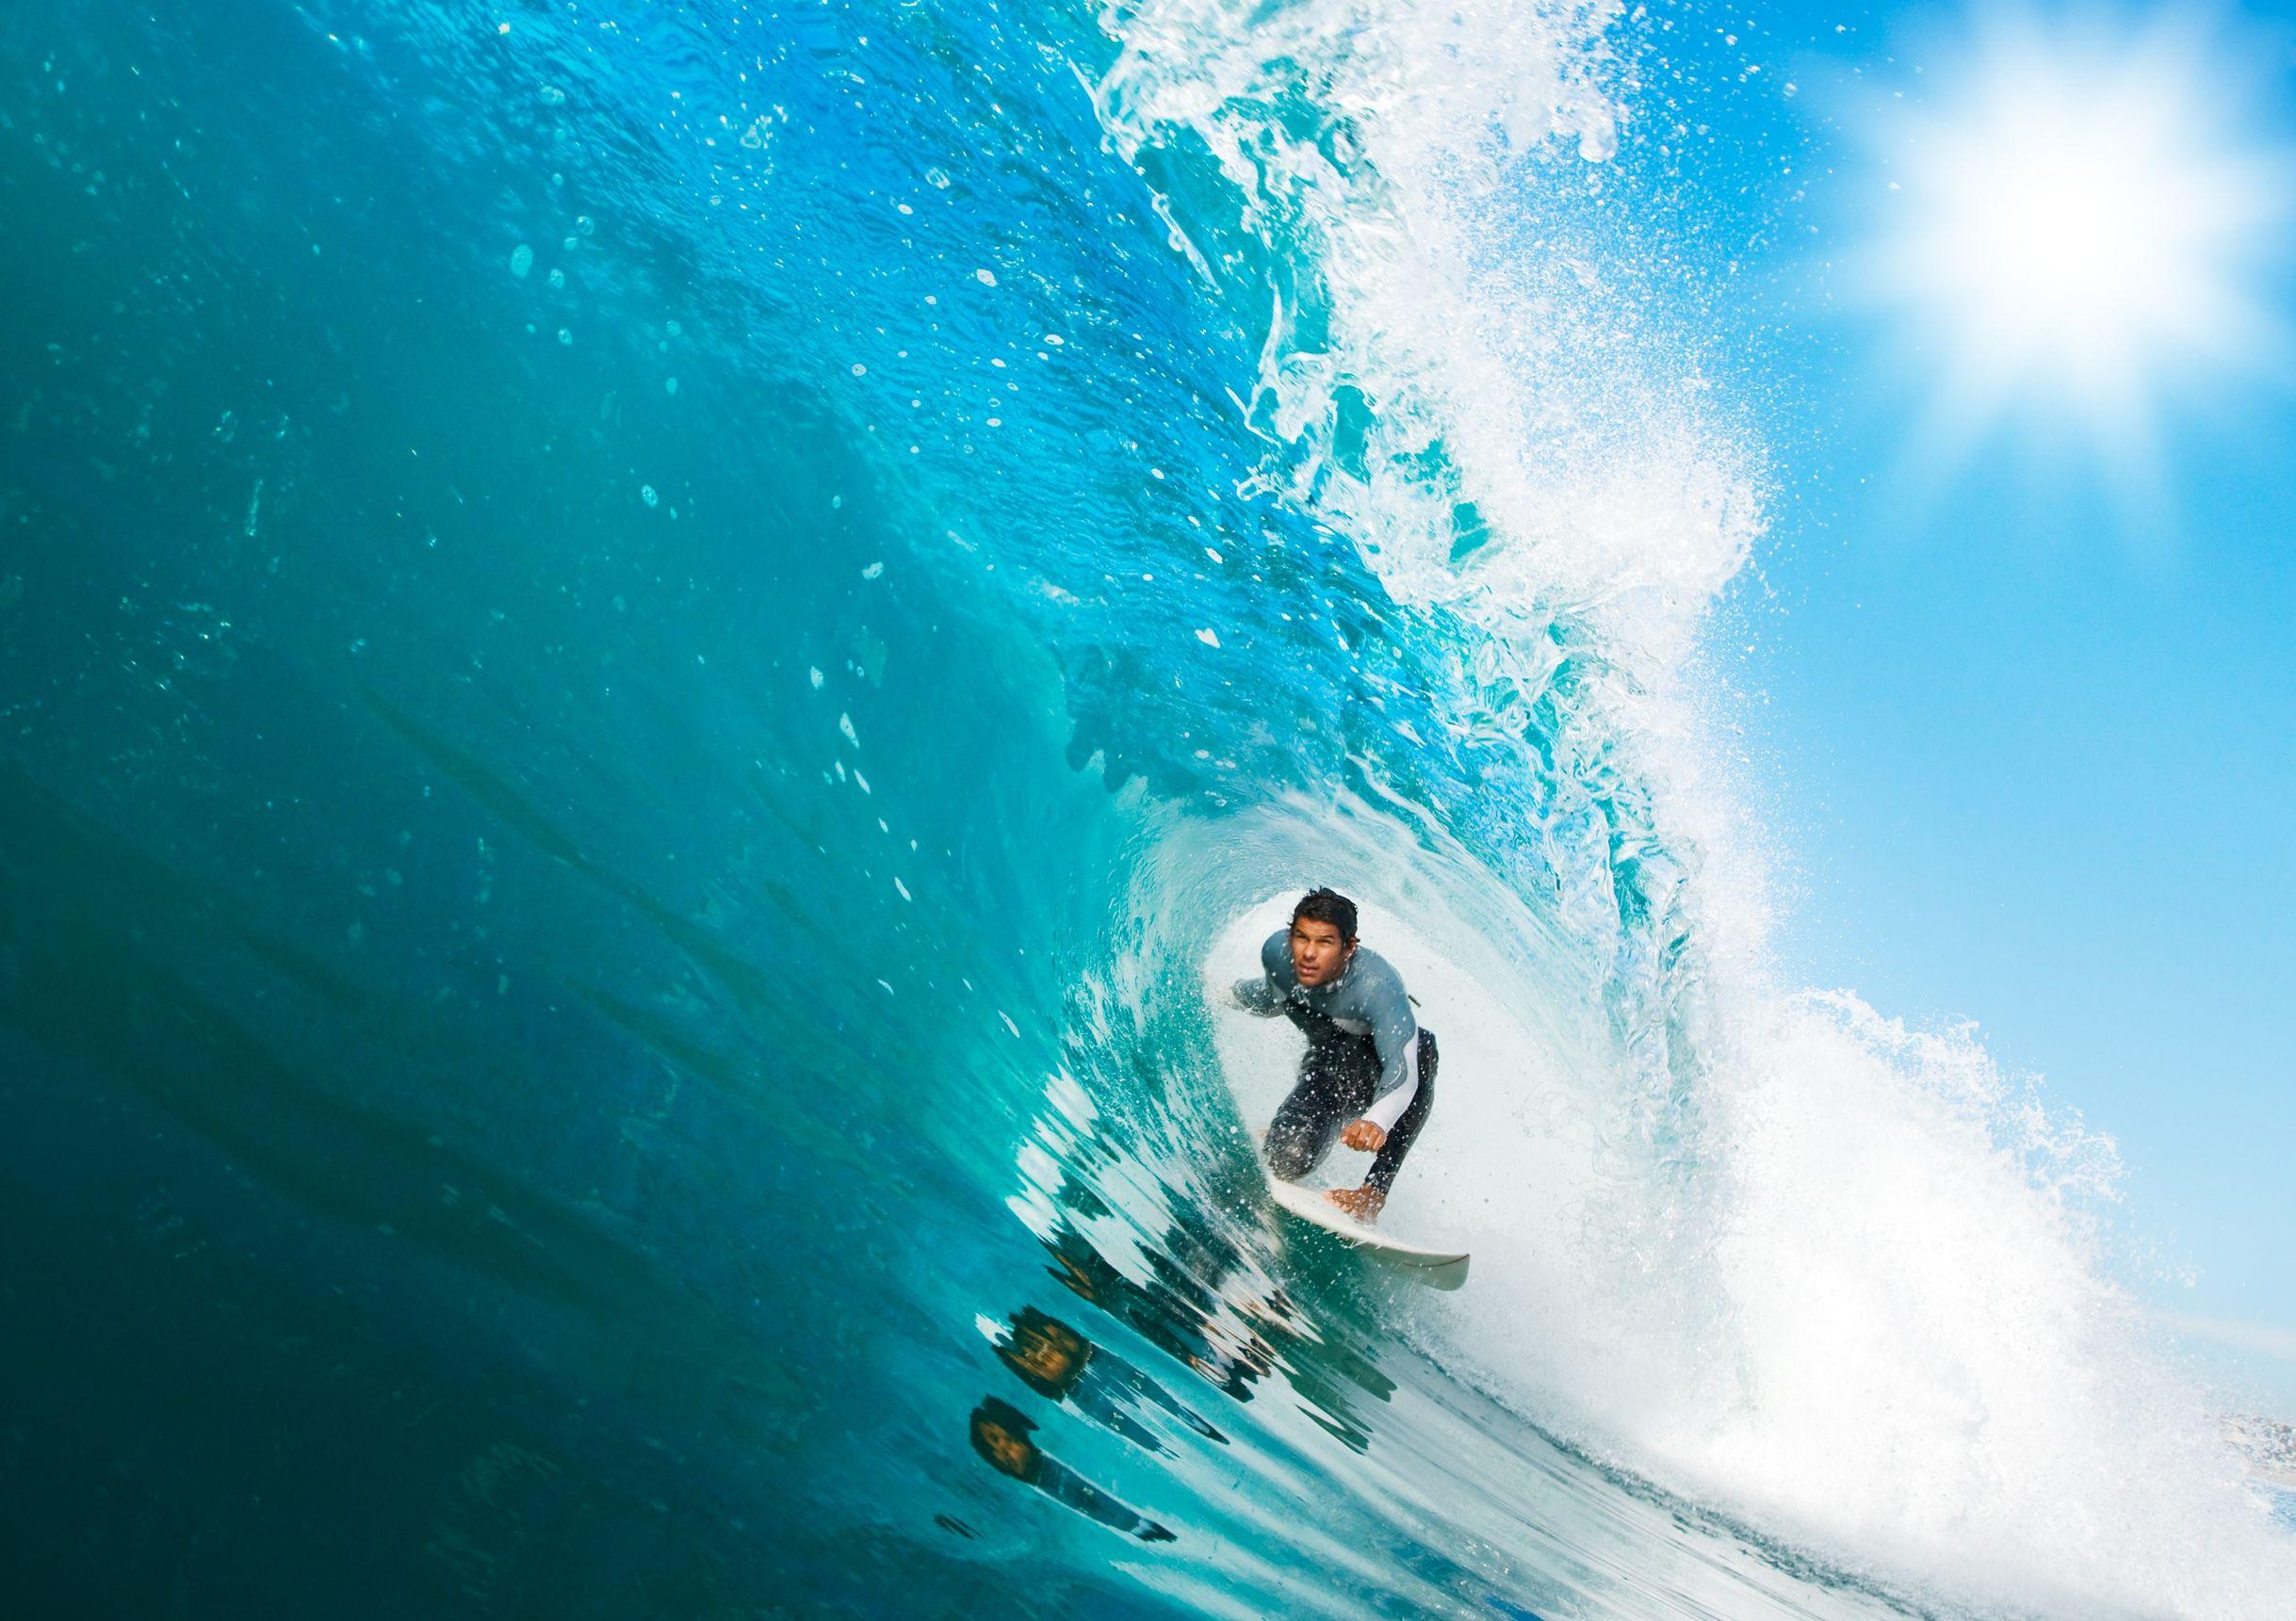 Surfs up at Tallabudgera